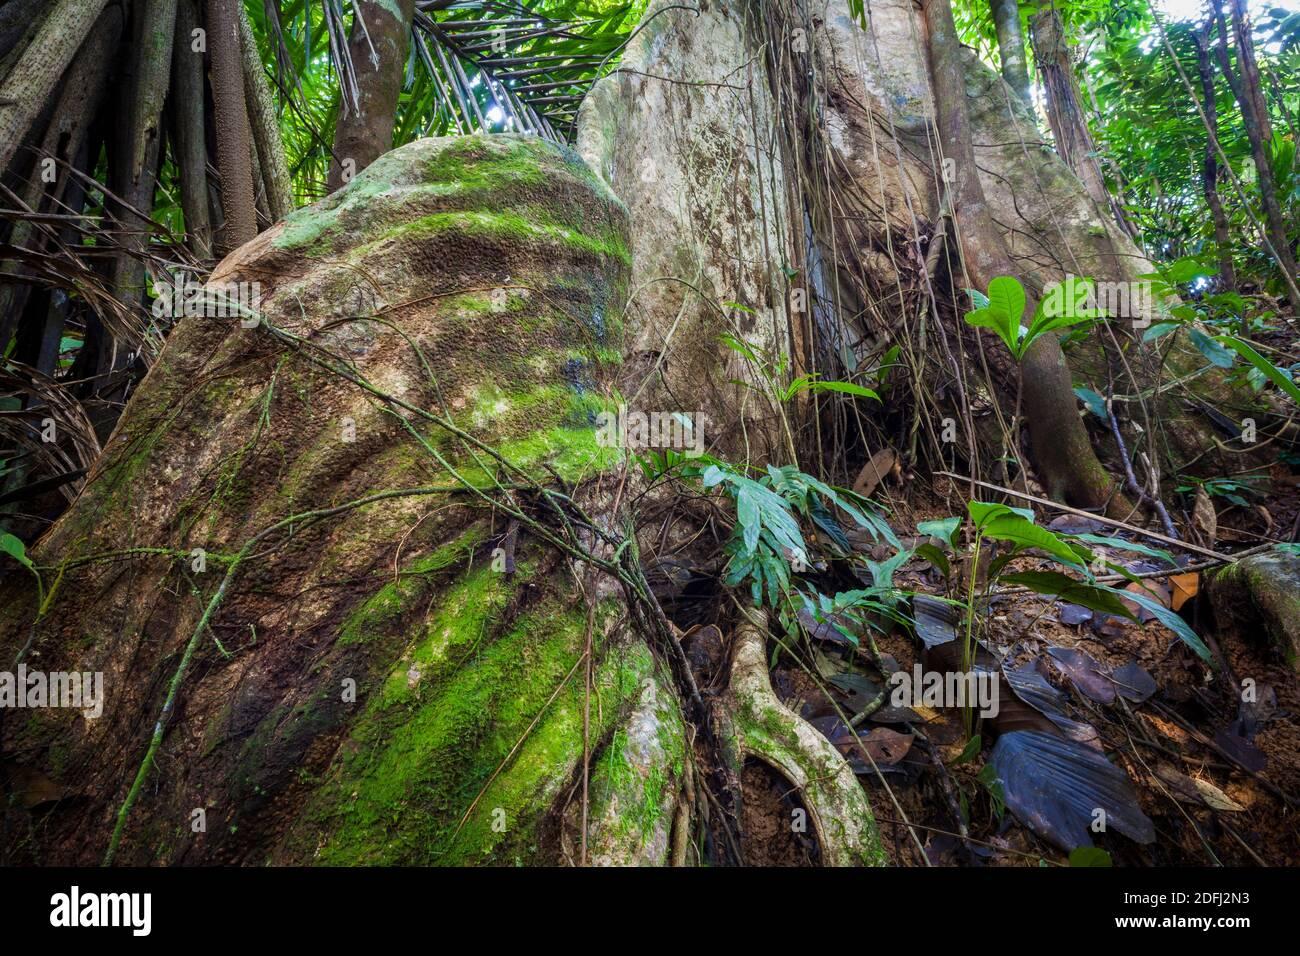 Grand arbre de ceiba, Ceiba pentandra, dans la forêt tropicale de la réserve naturelle de Burbayar, province de Panama, République du Panama. Banque D'Images